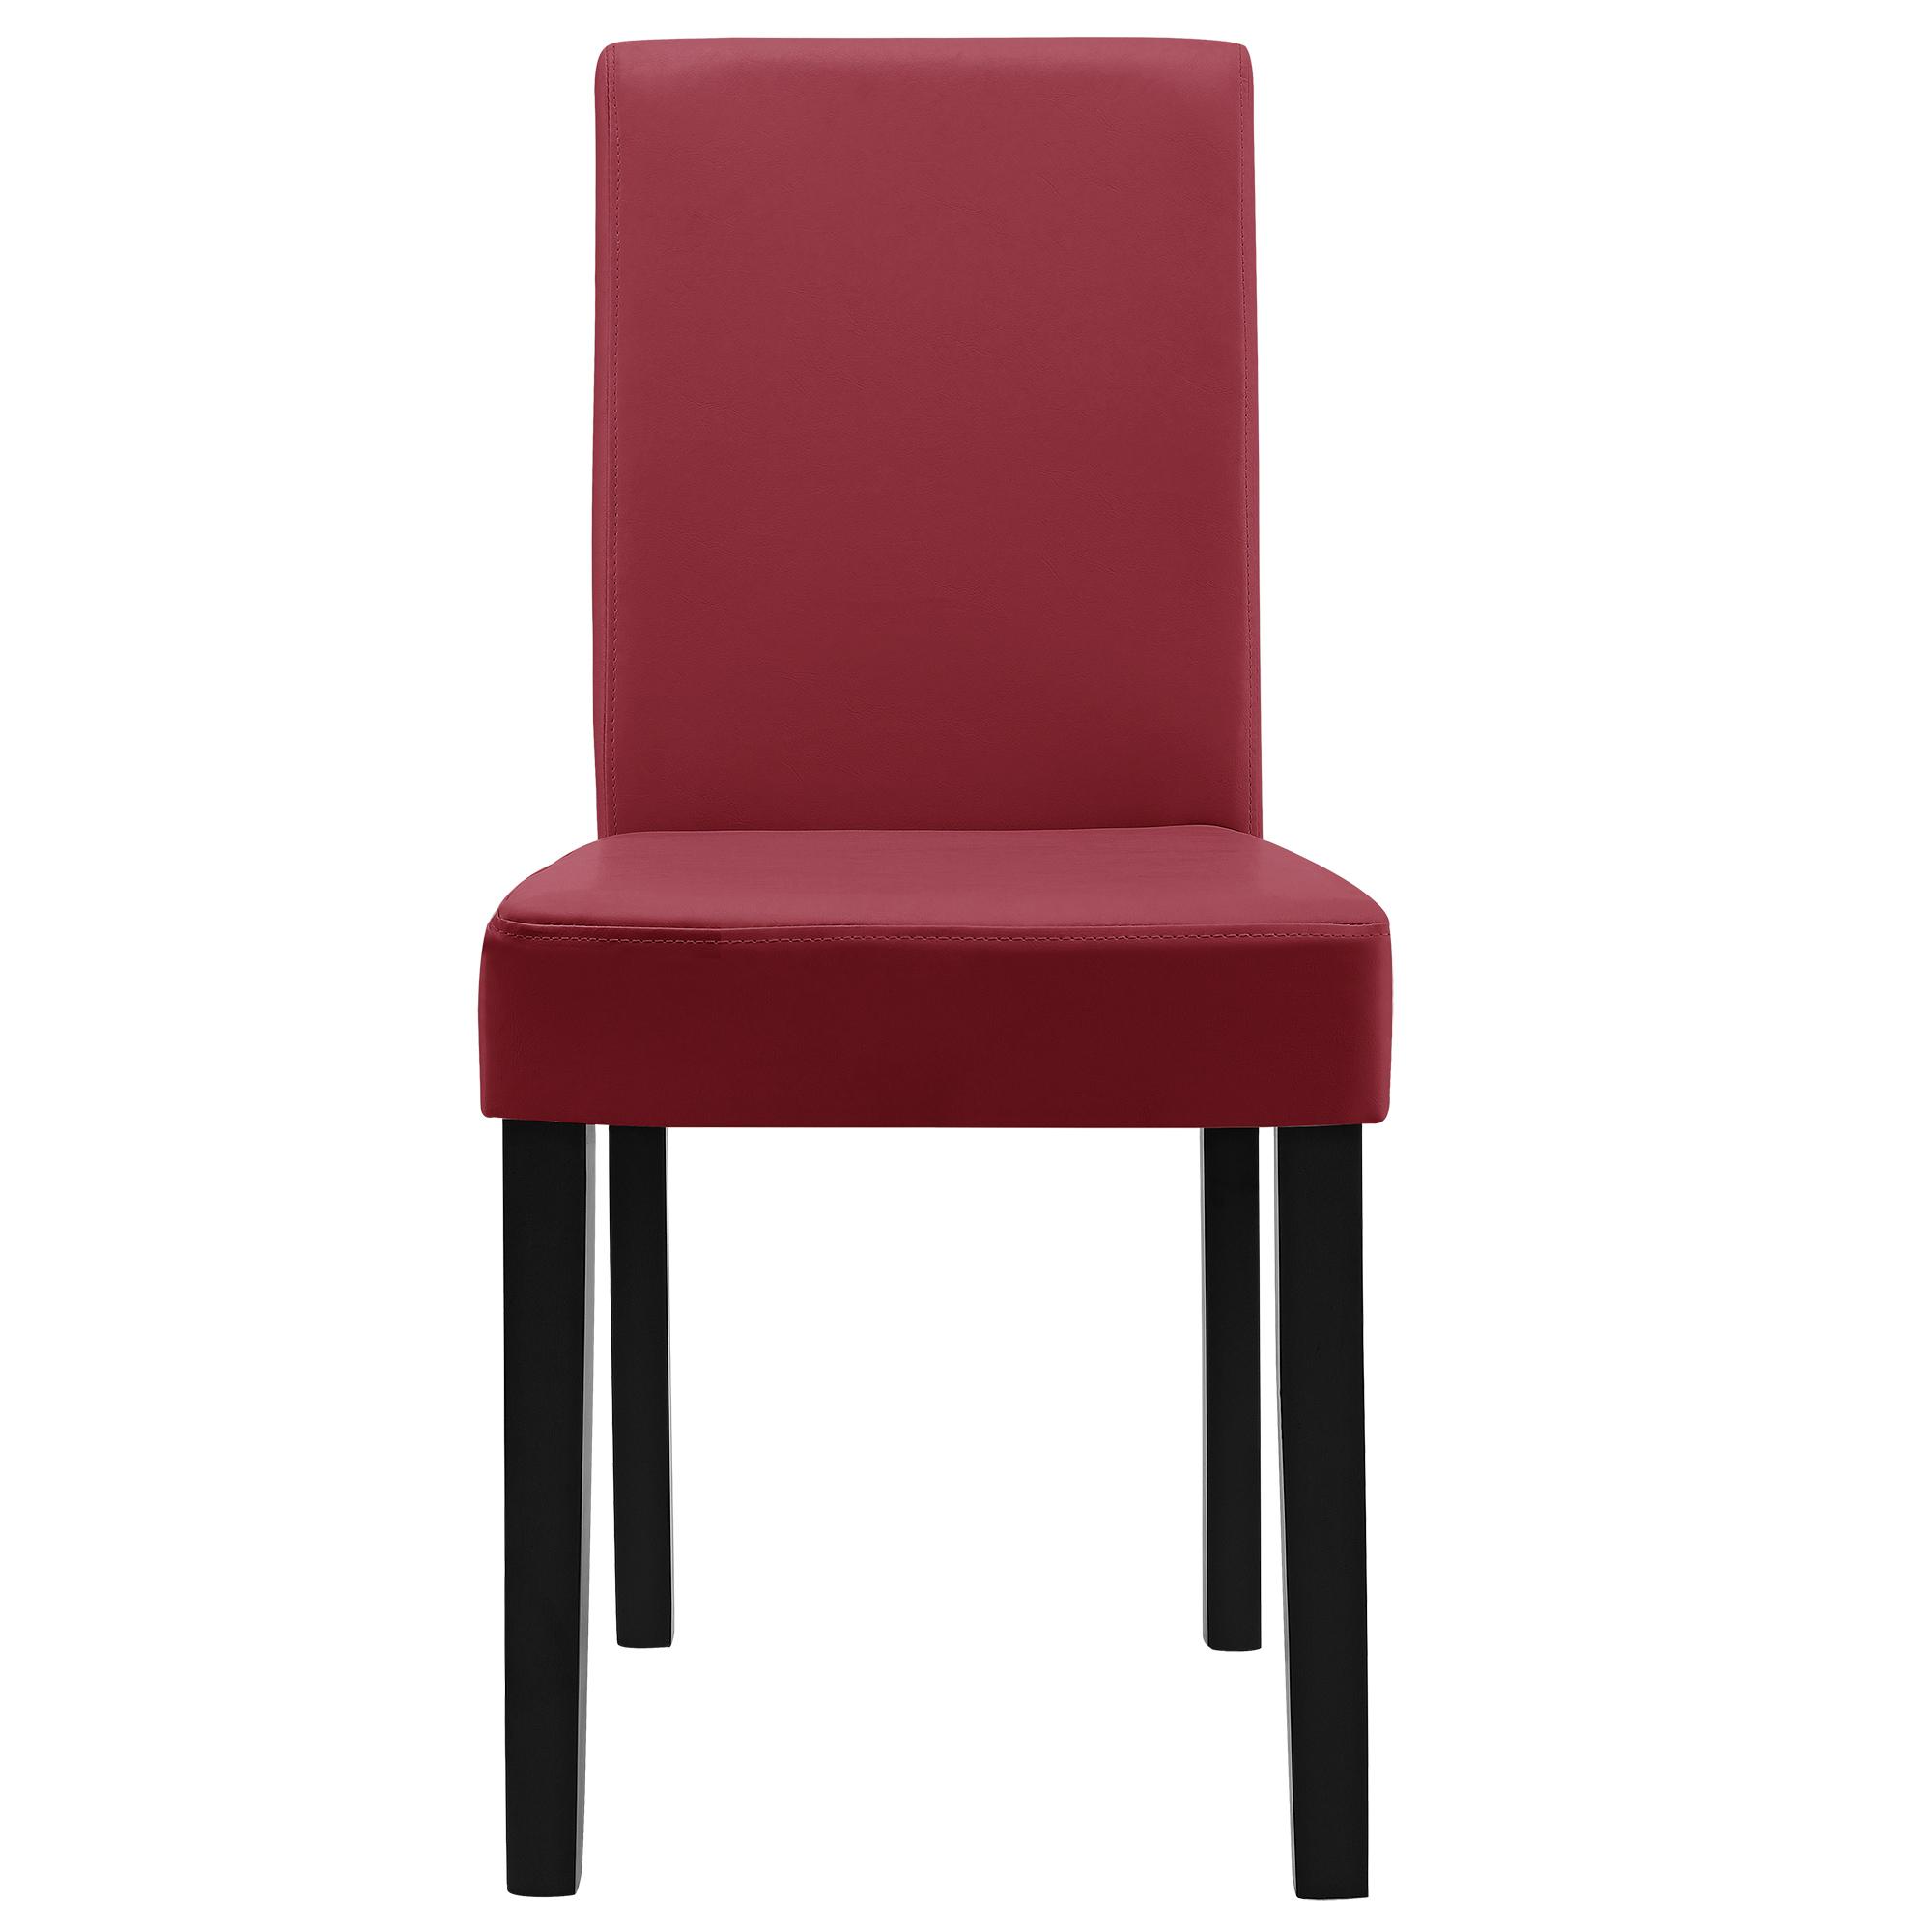 esstisch wei mit 6 st hlen dunkelrot 140x90 tisch st hle essgruppe ebay. Black Bedroom Furniture Sets. Home Design Ideas